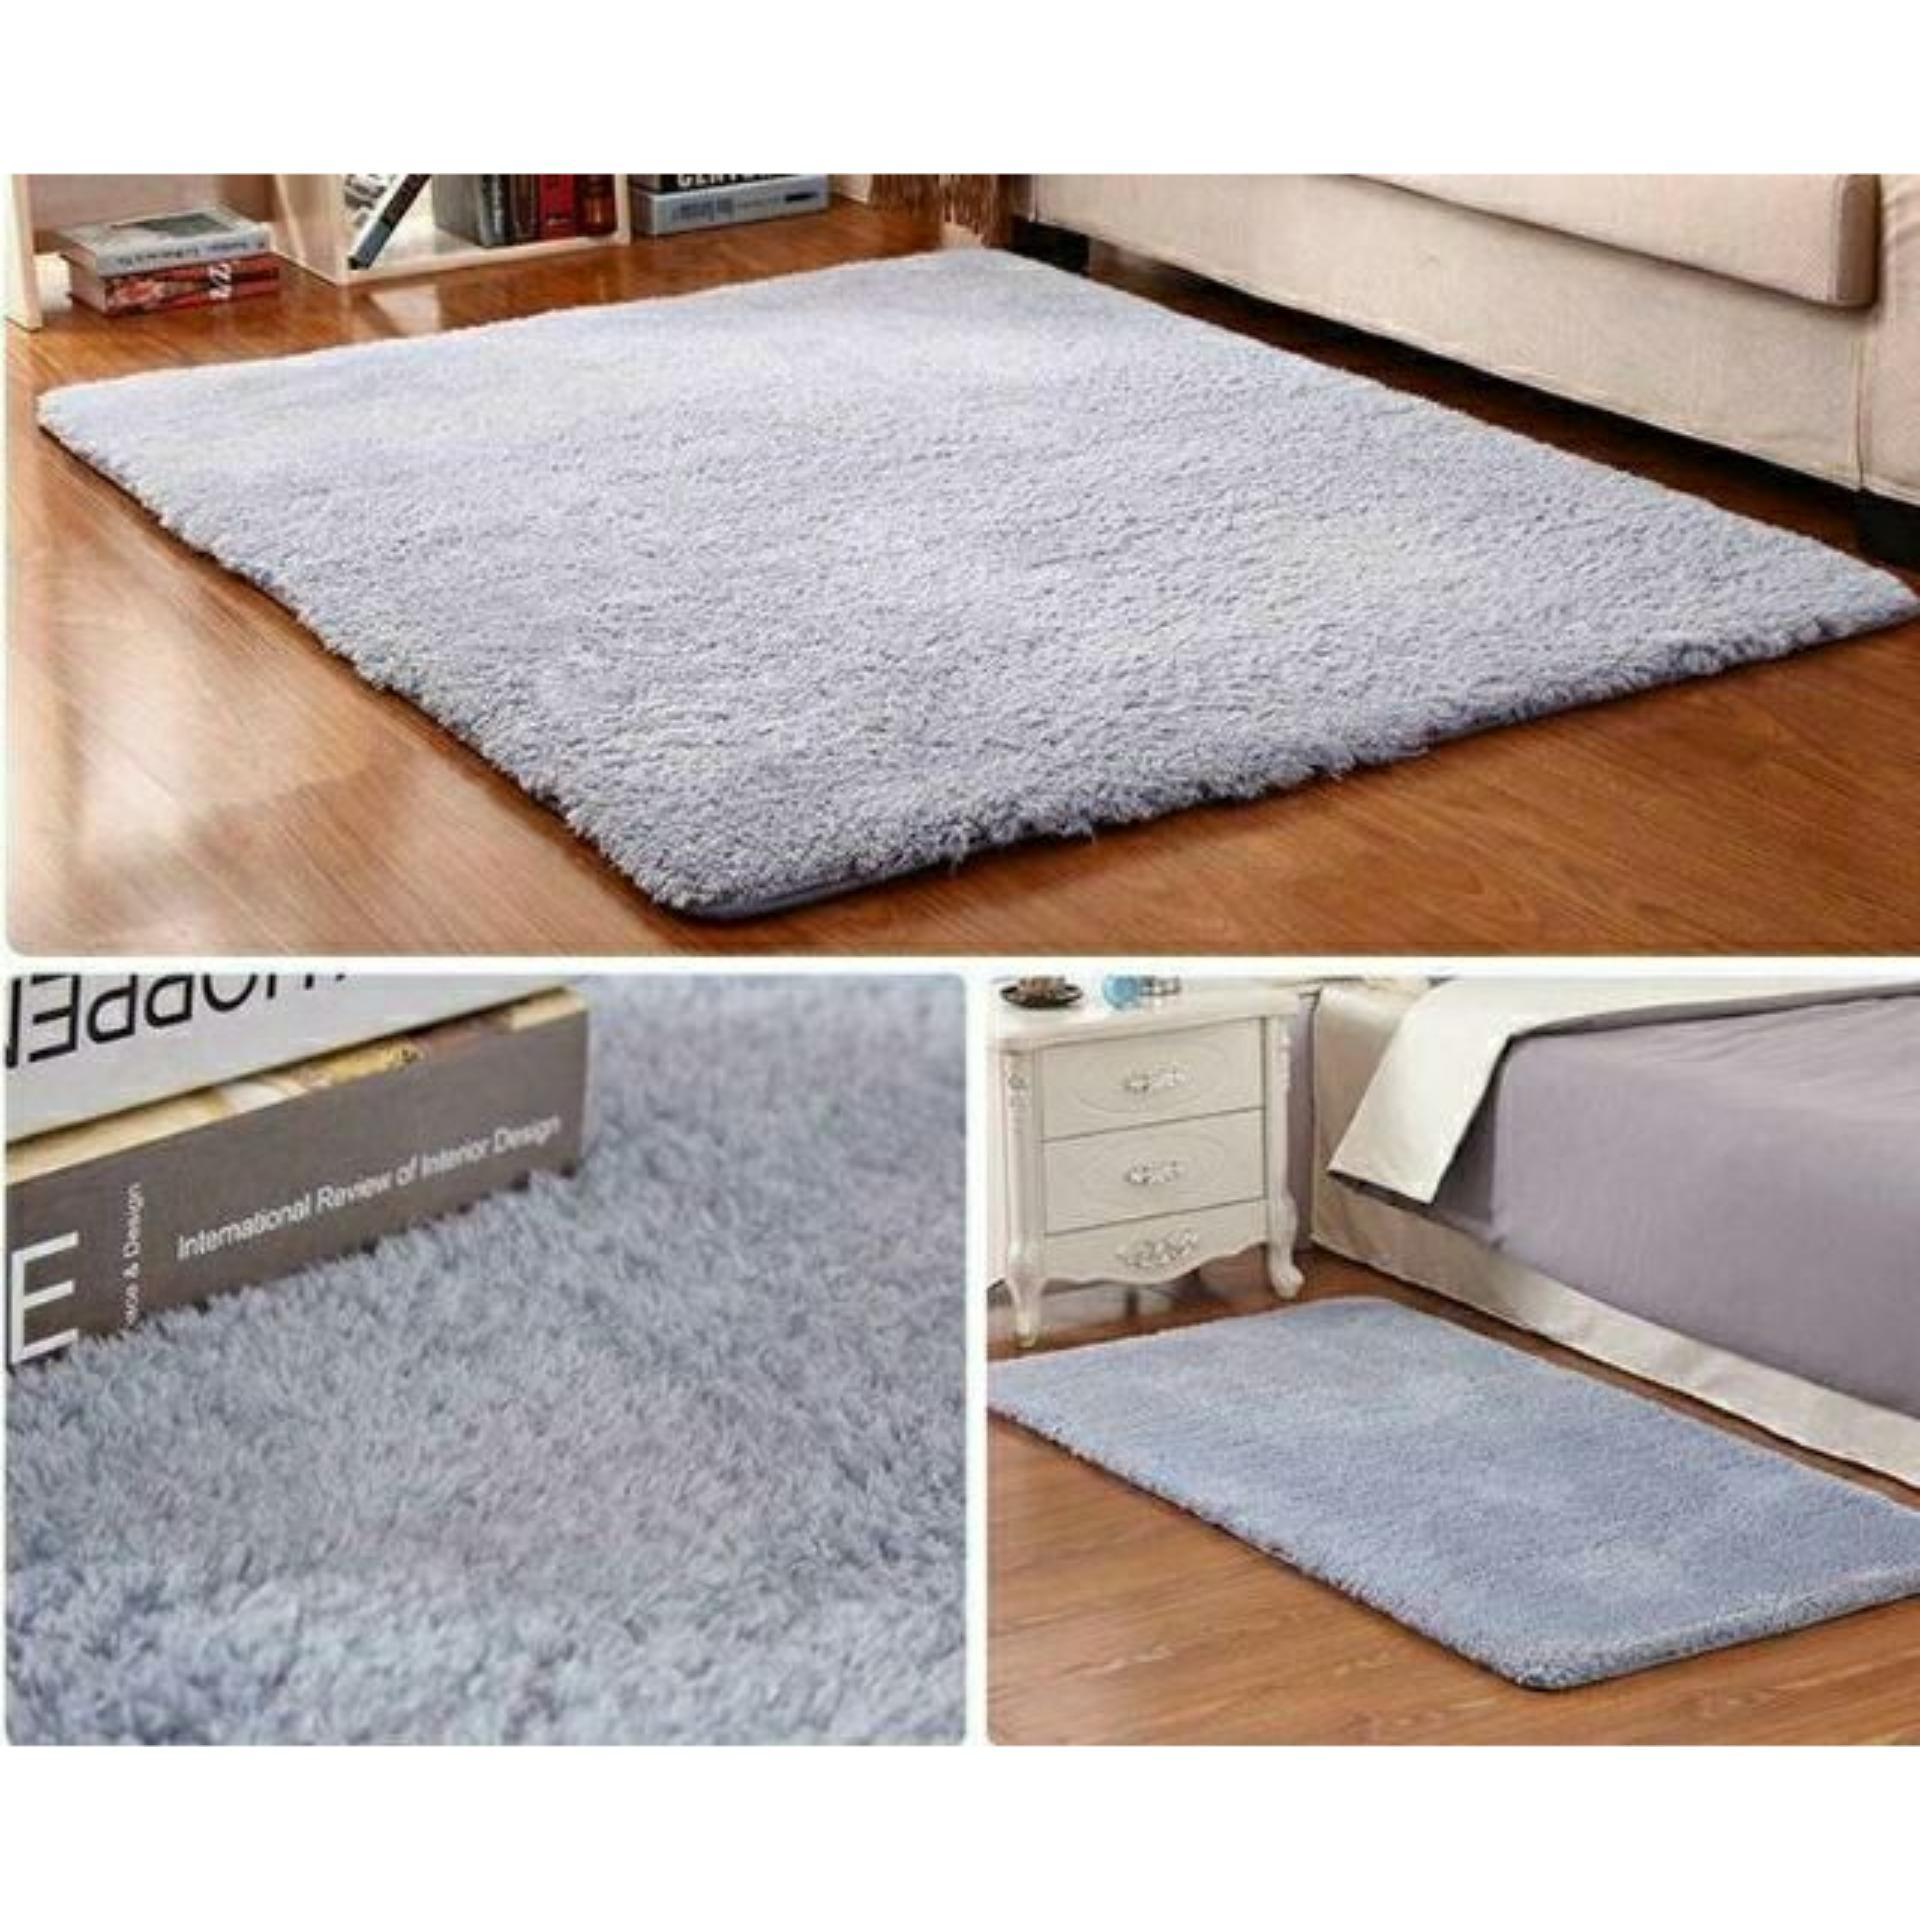 Giá Sốc Thảm lông trải sàn phòng khách cao cấp 1m6x2m